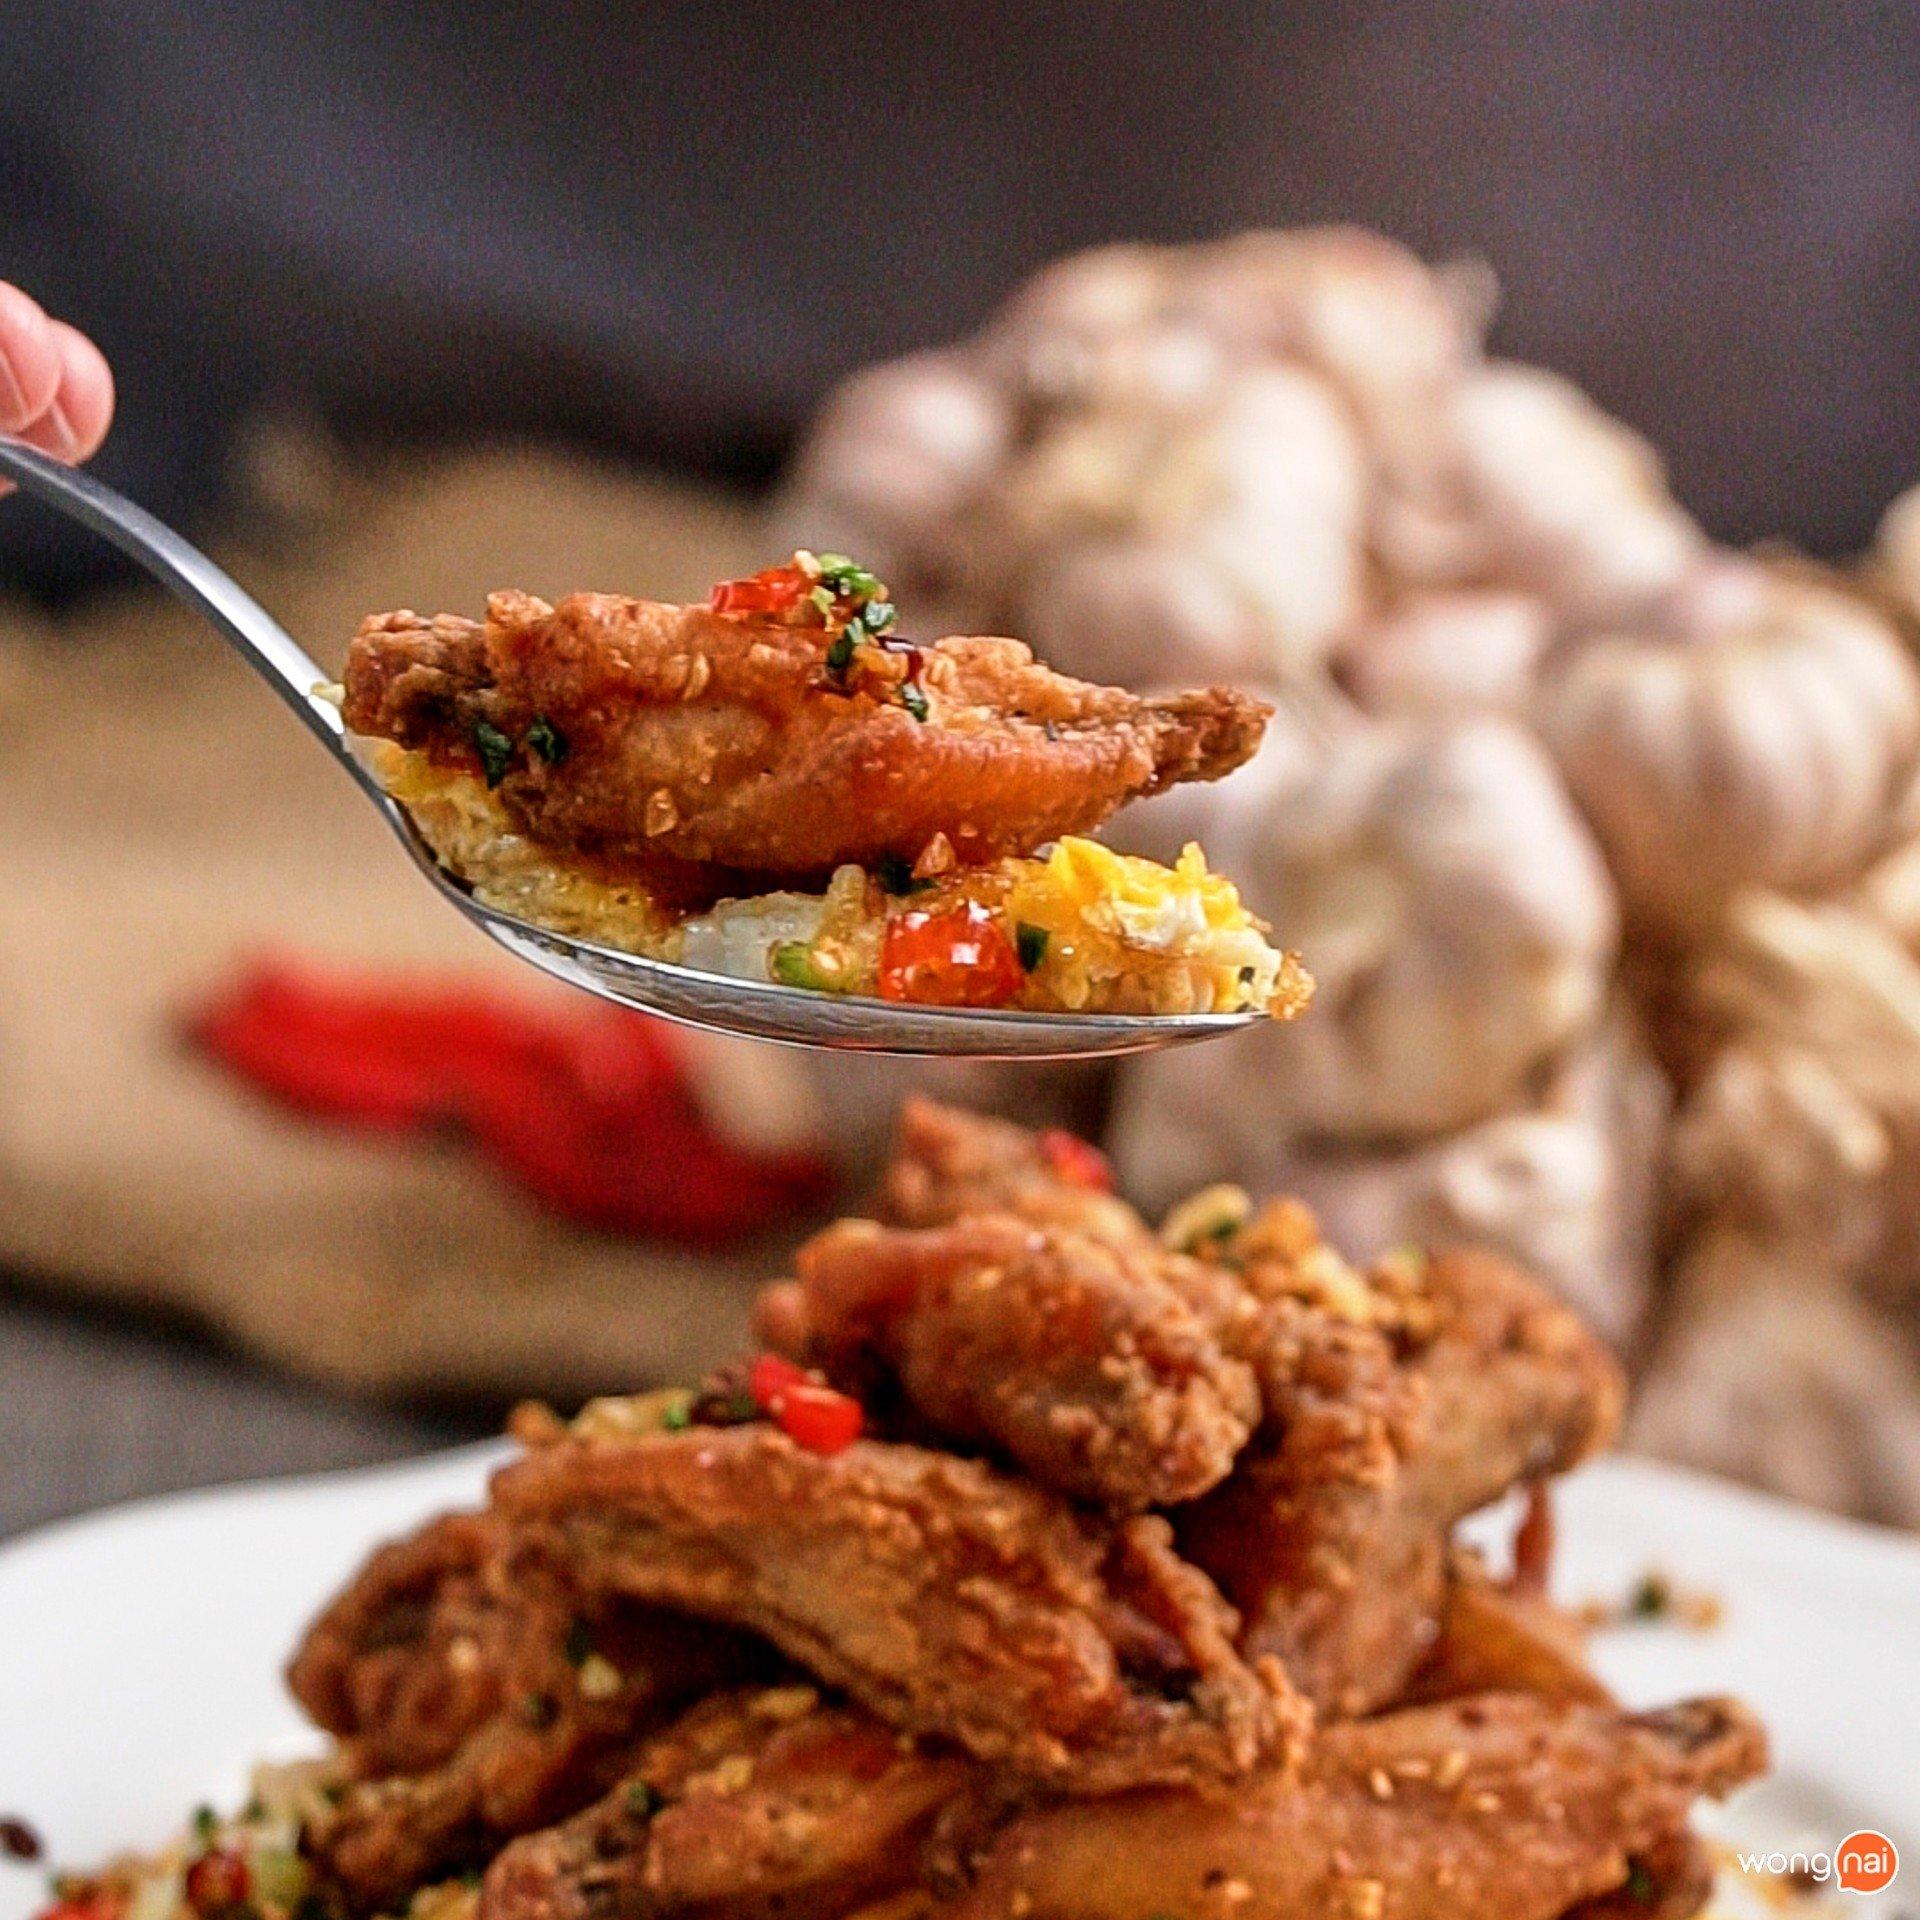 ไก่ตะเกียบคั่วพริกเกลือ